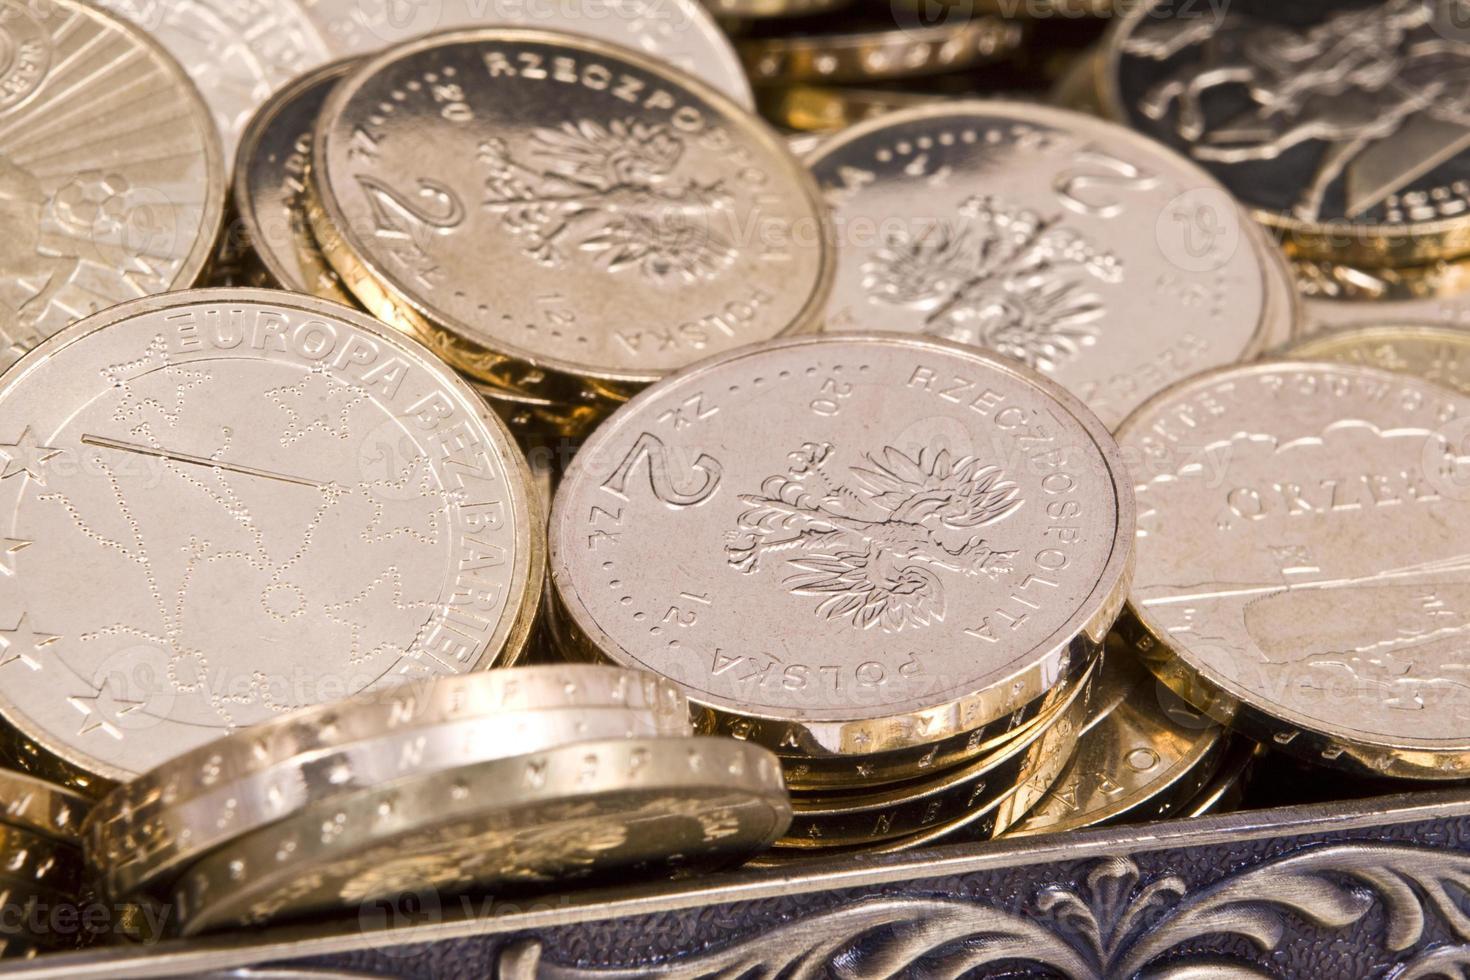 monedas zlote pln polacas foto